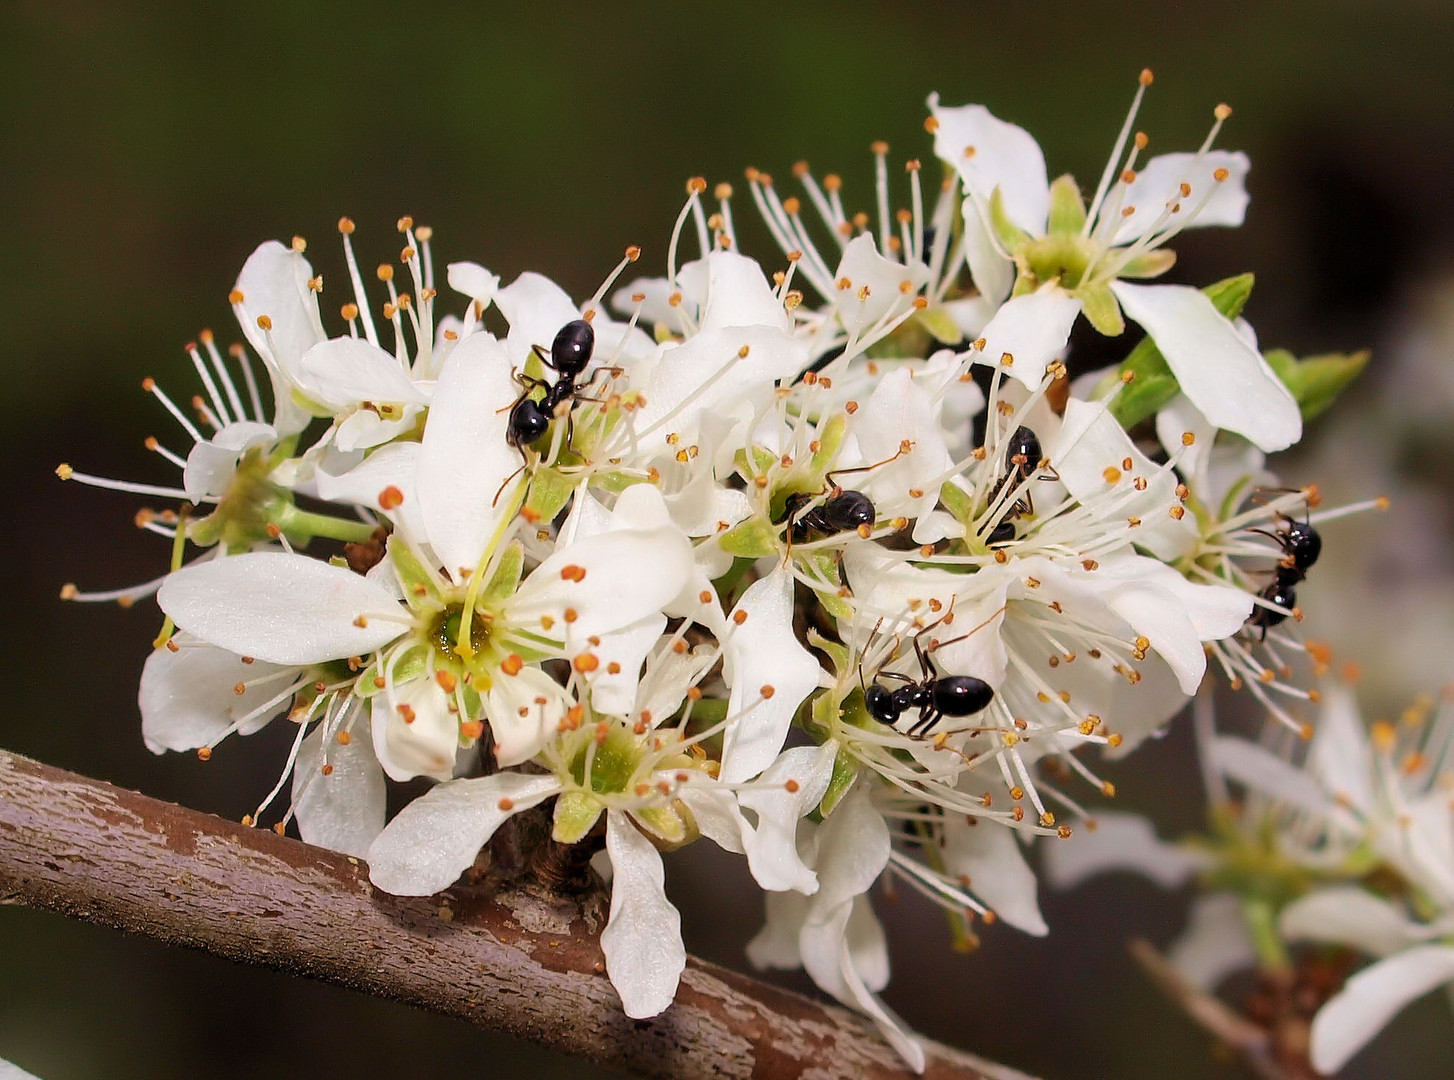 Viele Ameisen .... aber wie viele ?